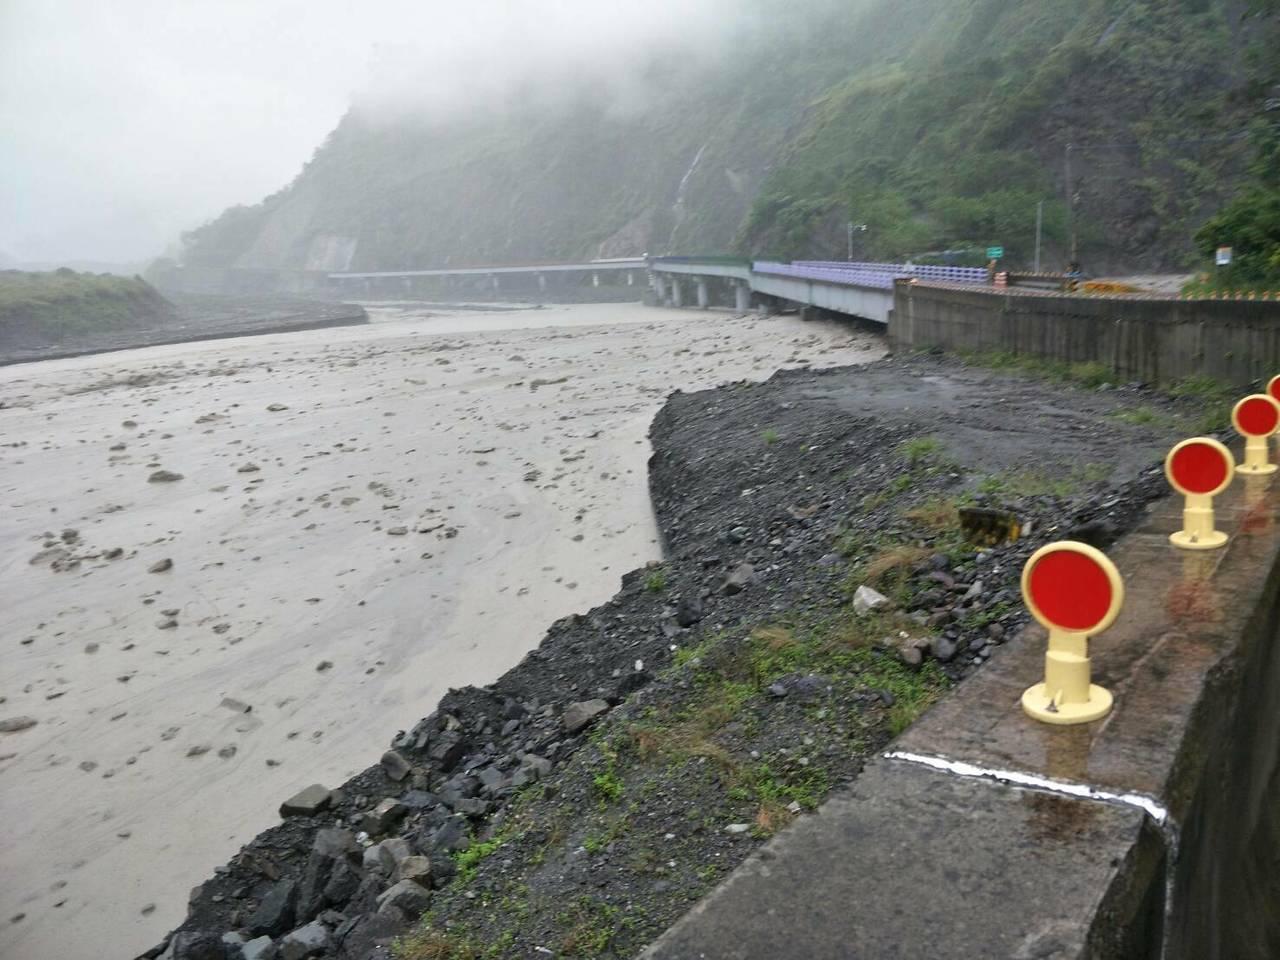 荖濃溪水勢盛大,水位已經逼近明霸克露橋橋底。圖/甲仙工務段提供